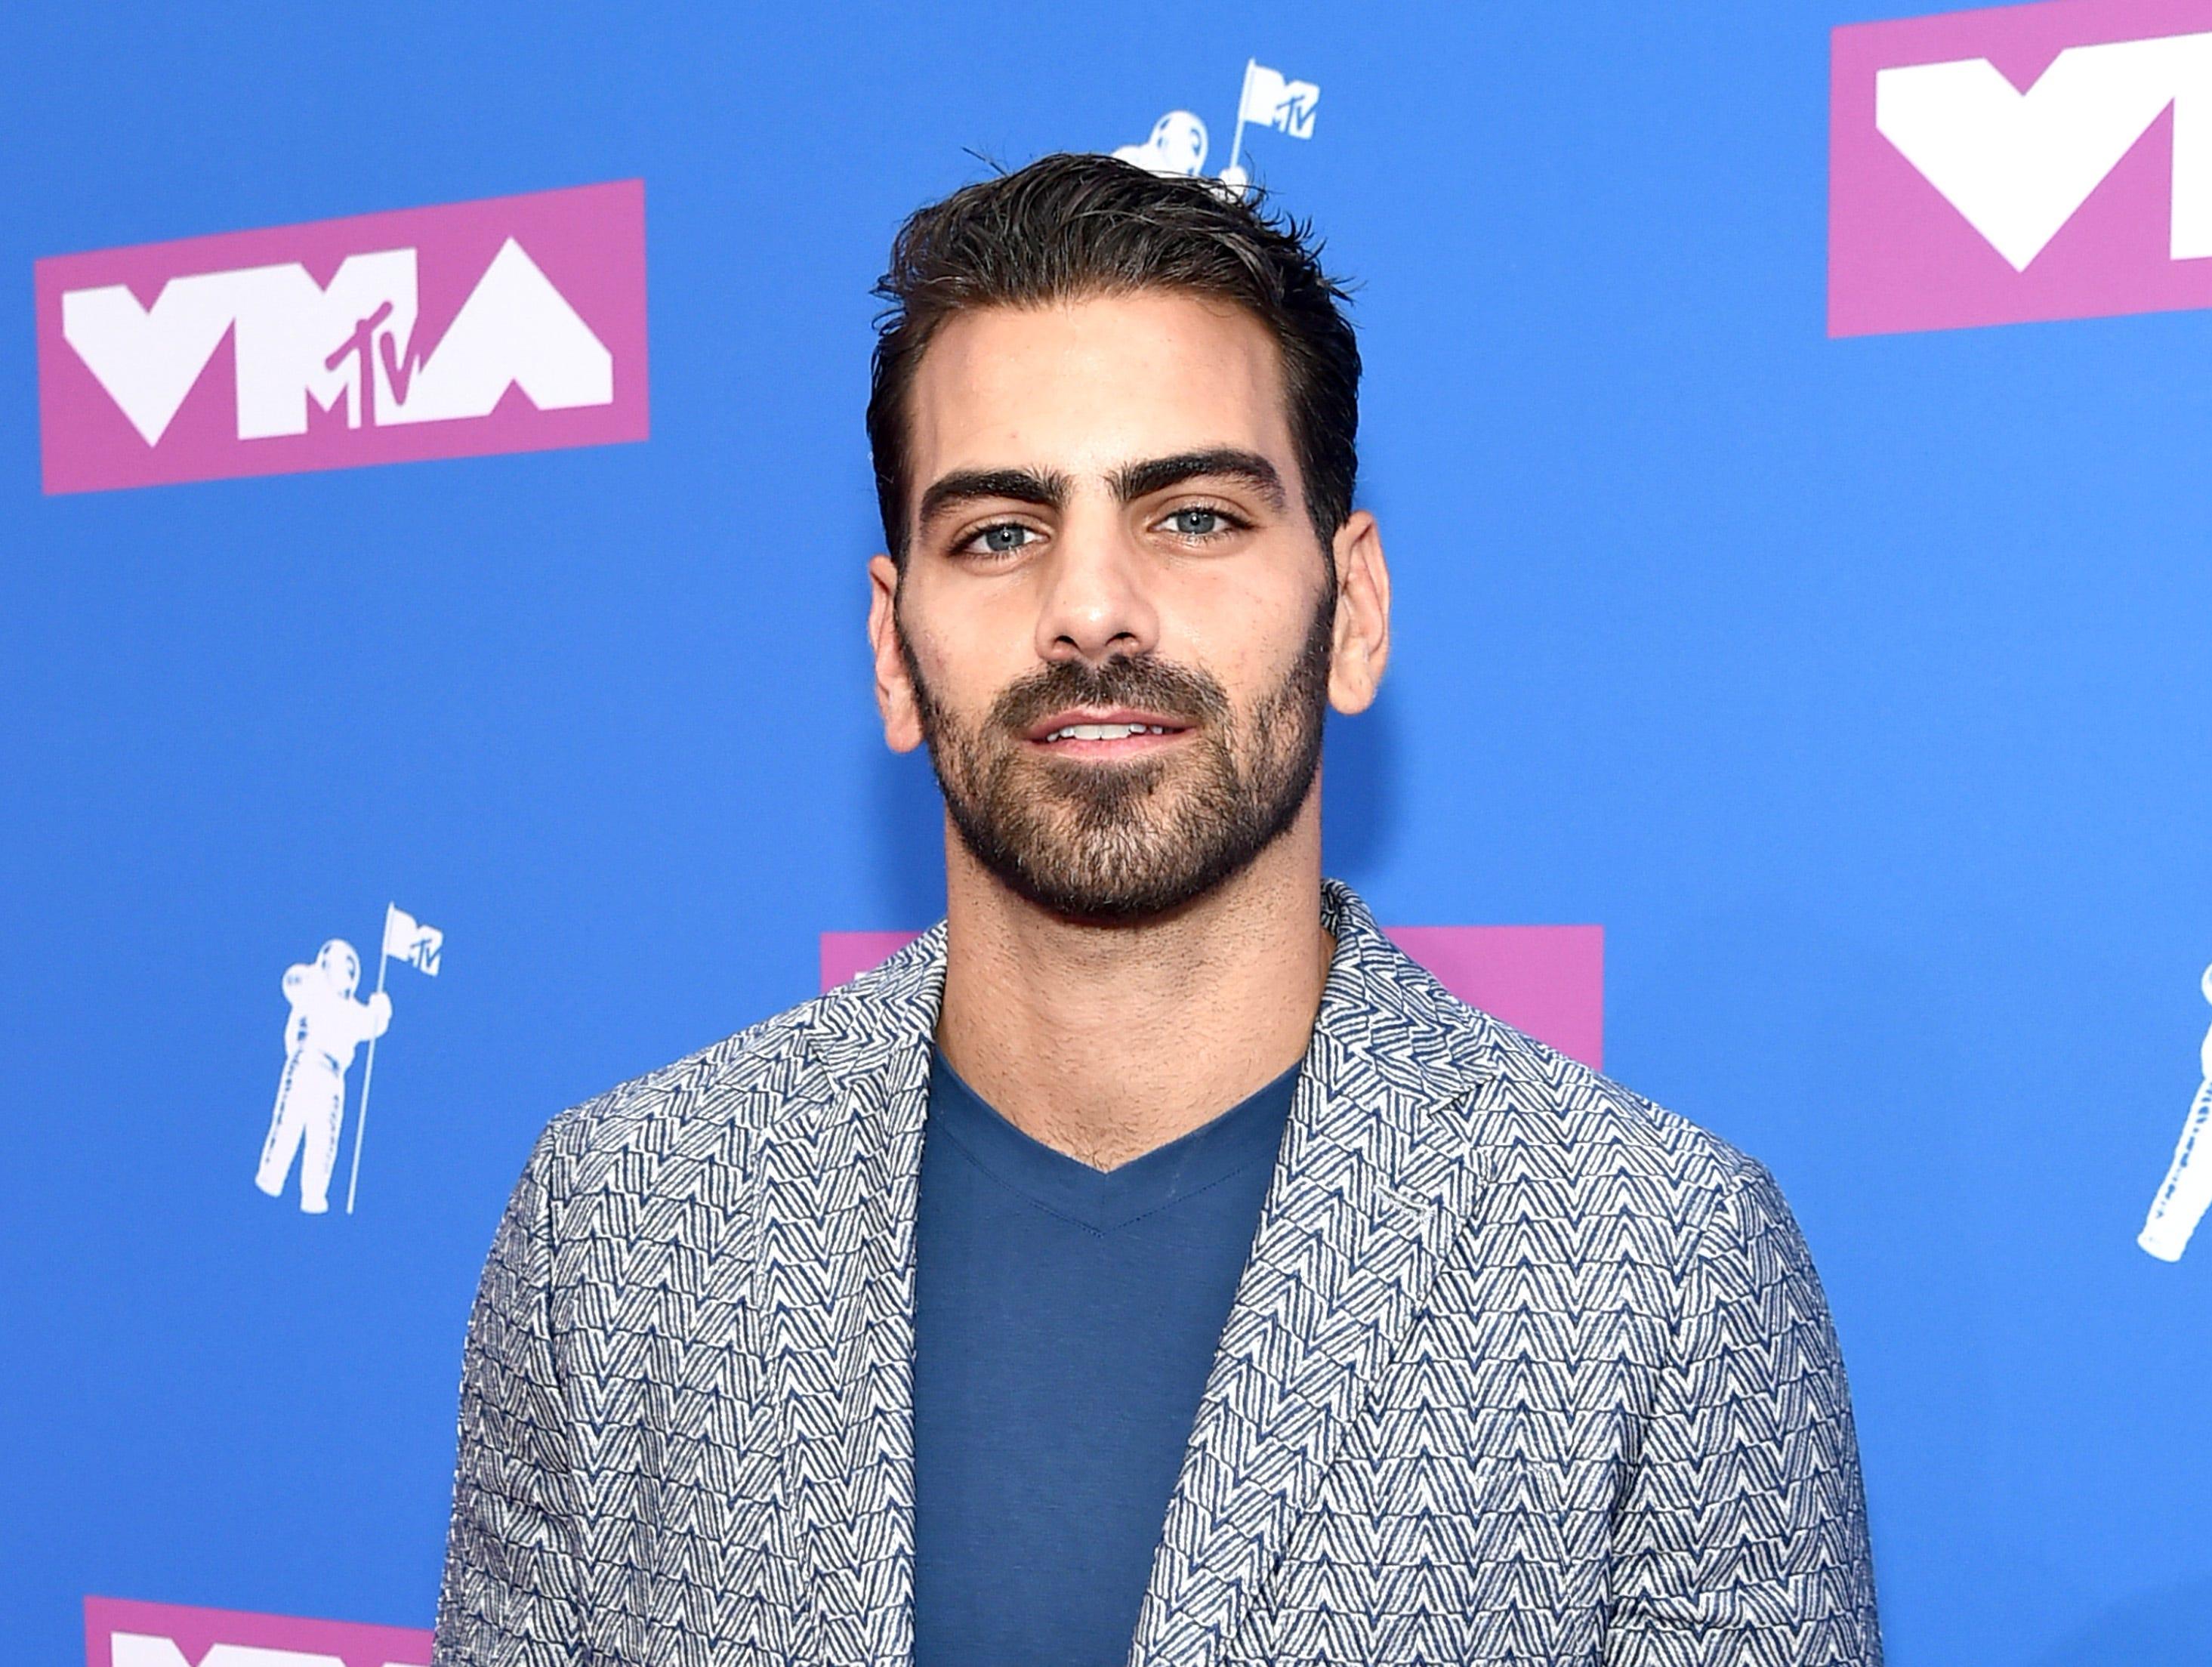 Nyle DiMarco asiste a los MTV Video Music Awards 2018 en el Radio City Music Hall el 20 de agosto de 2018 en la ciudad de Nueva York.